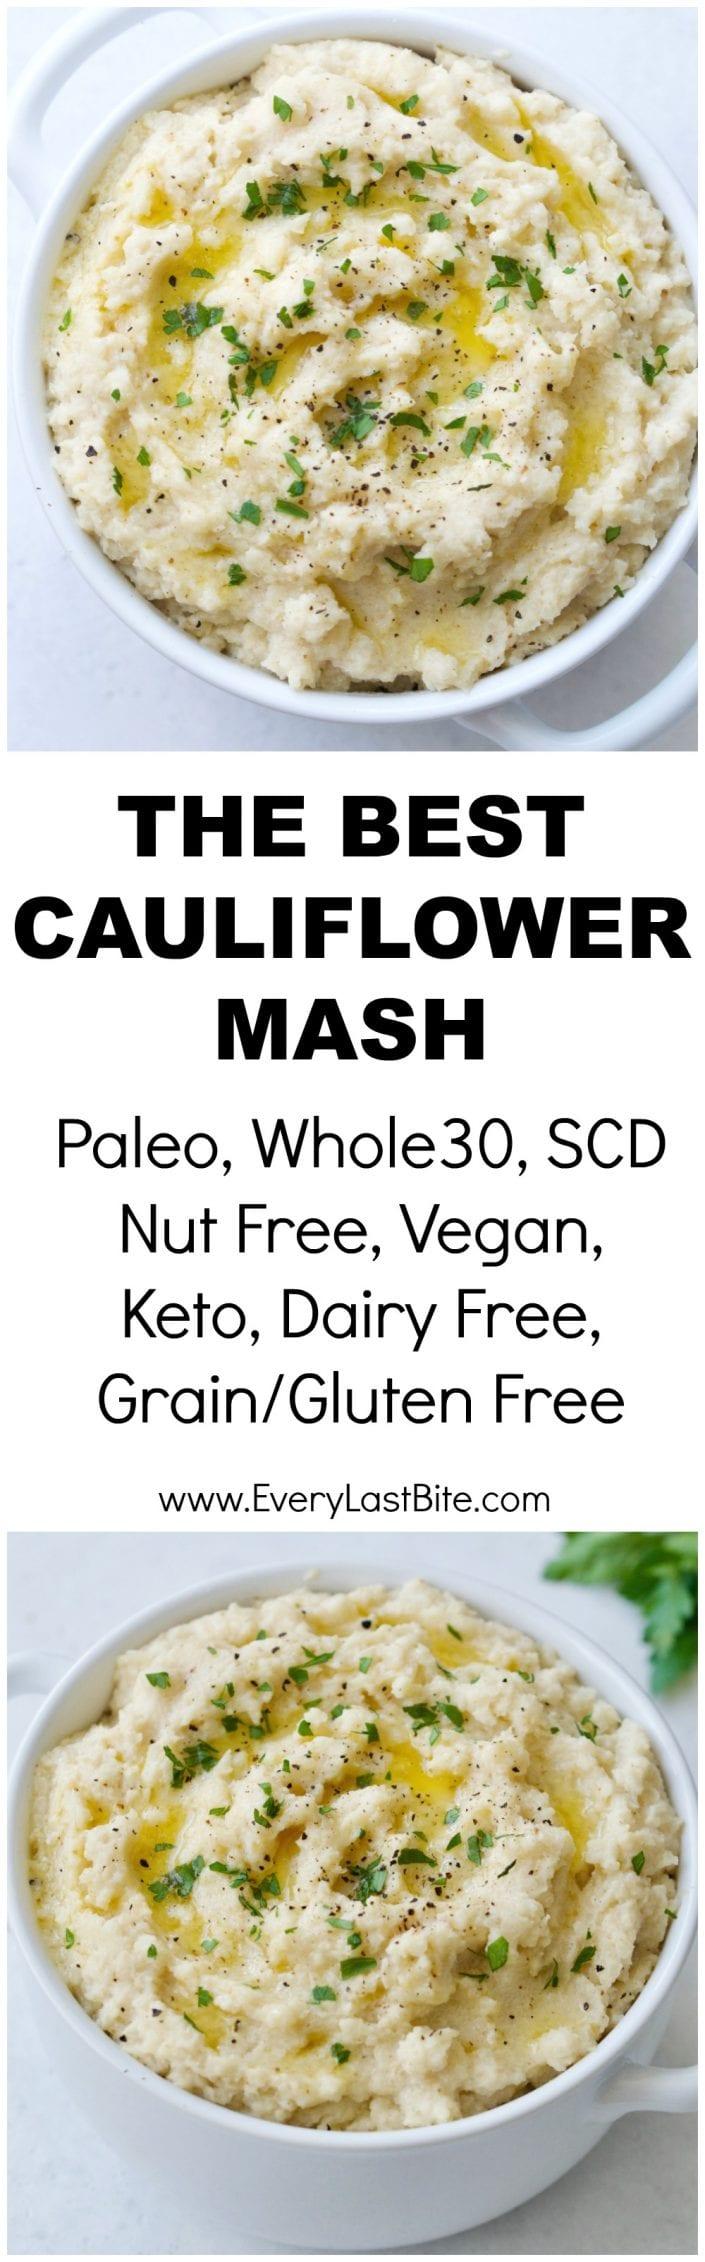 The Best Cauliflower Mash